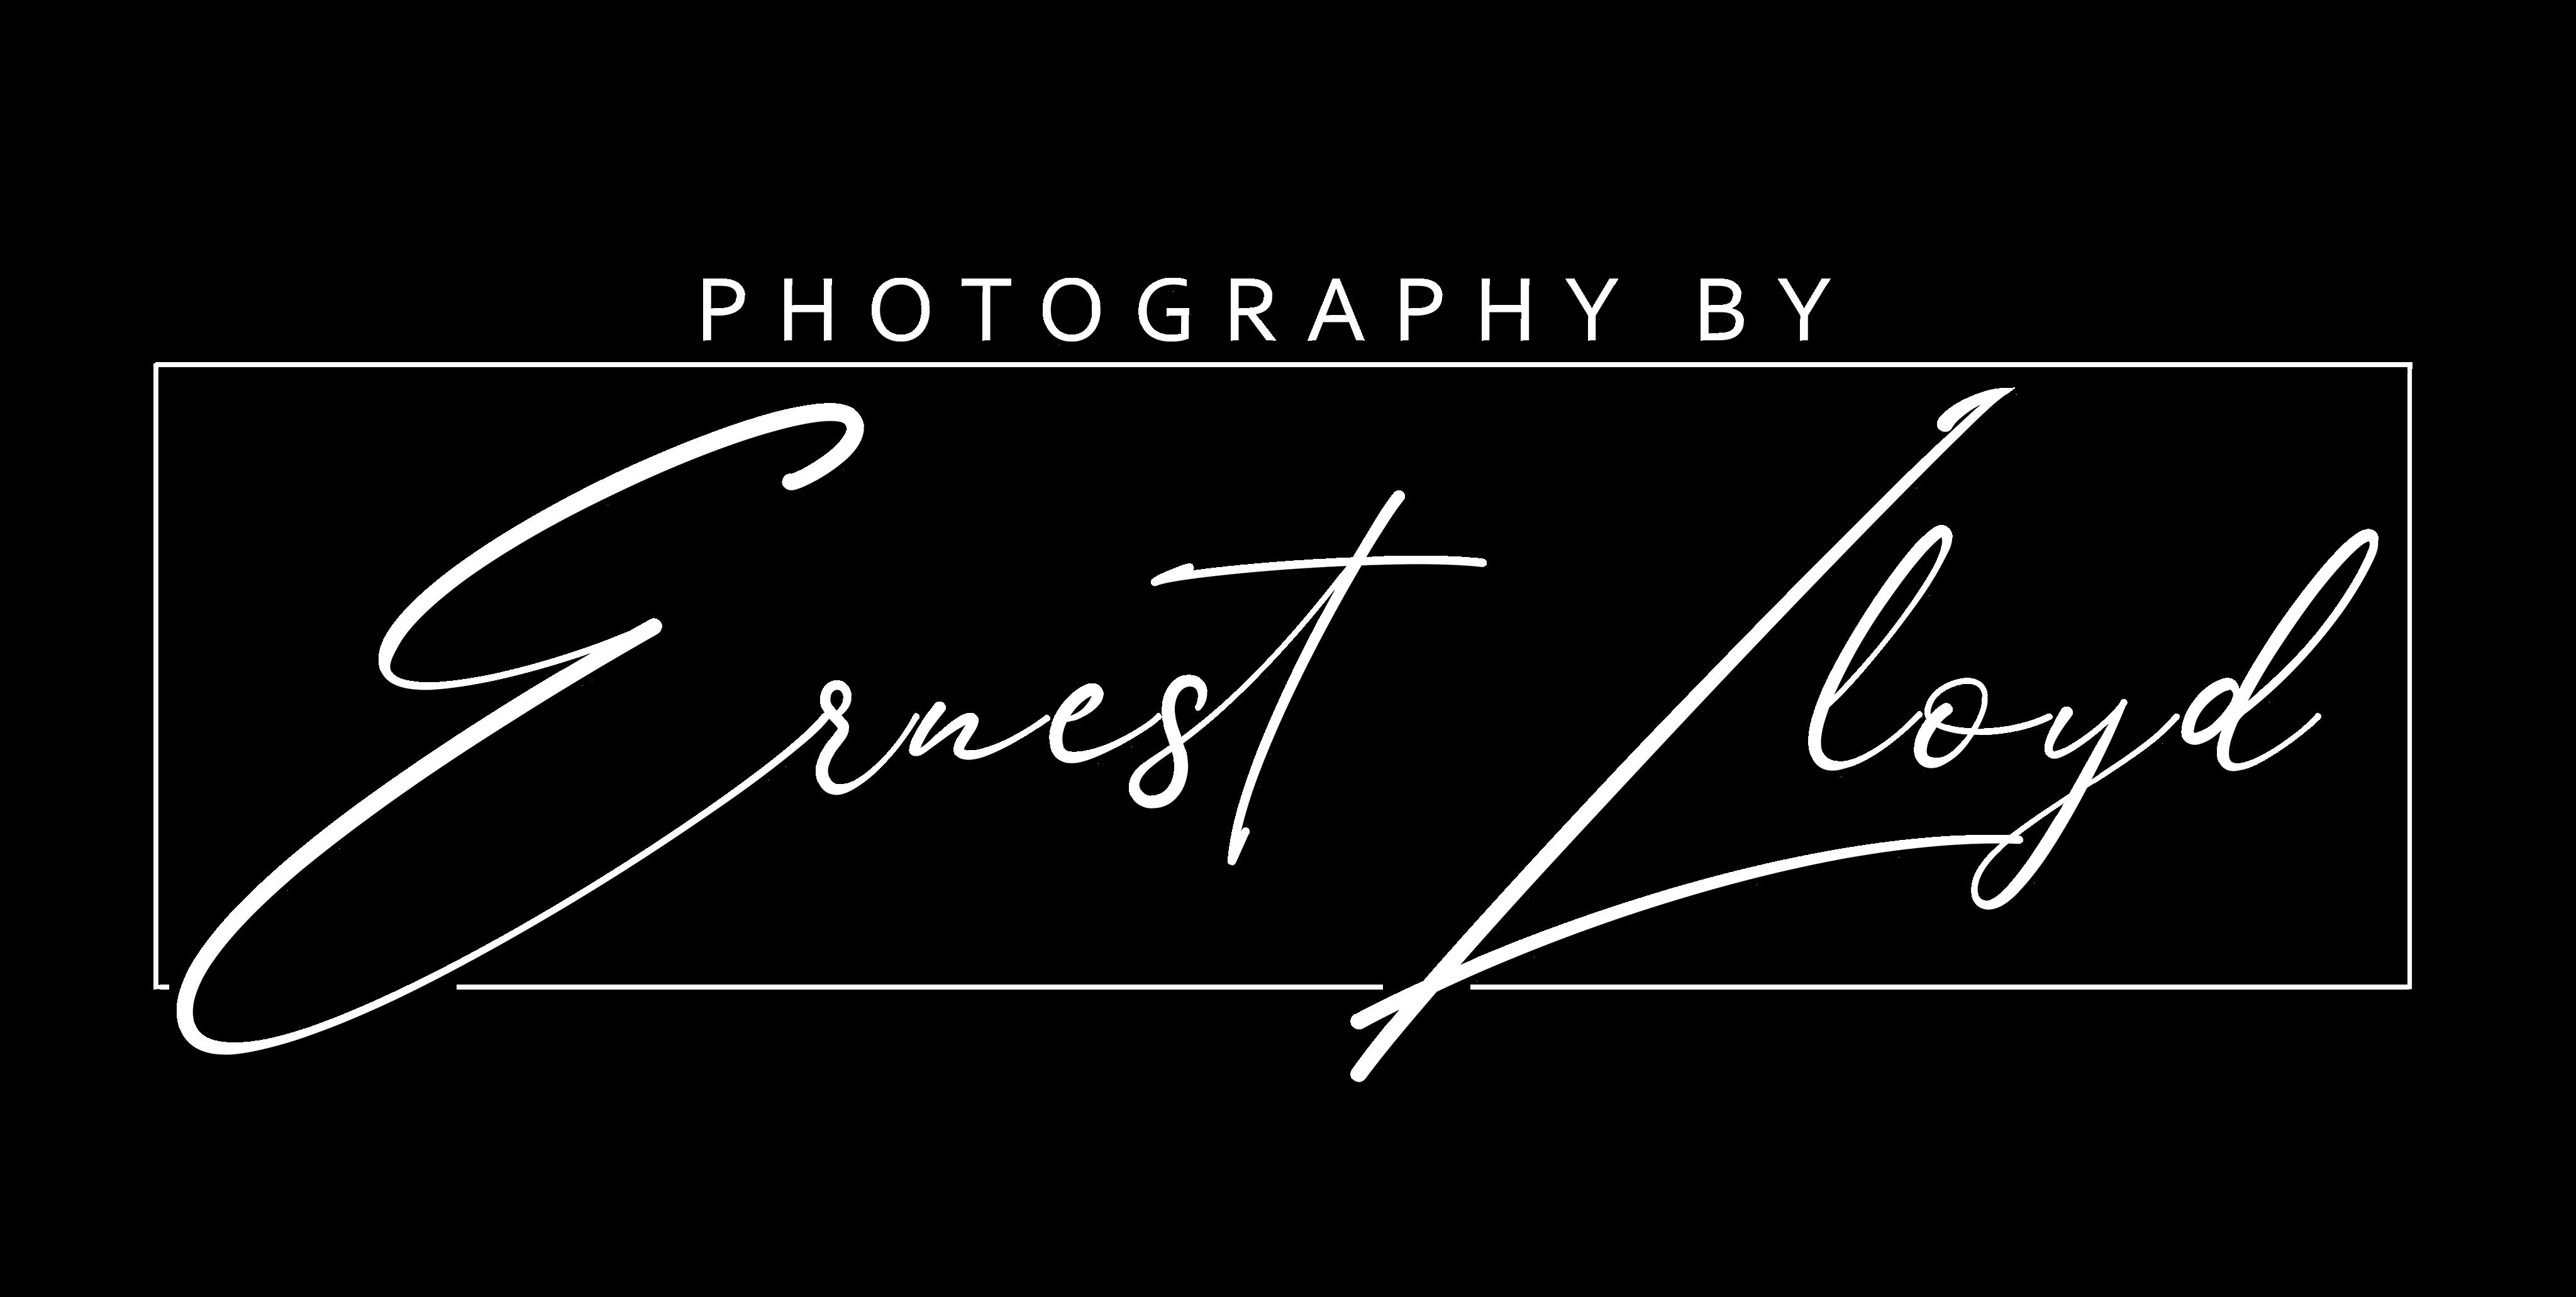 Ernest loyd